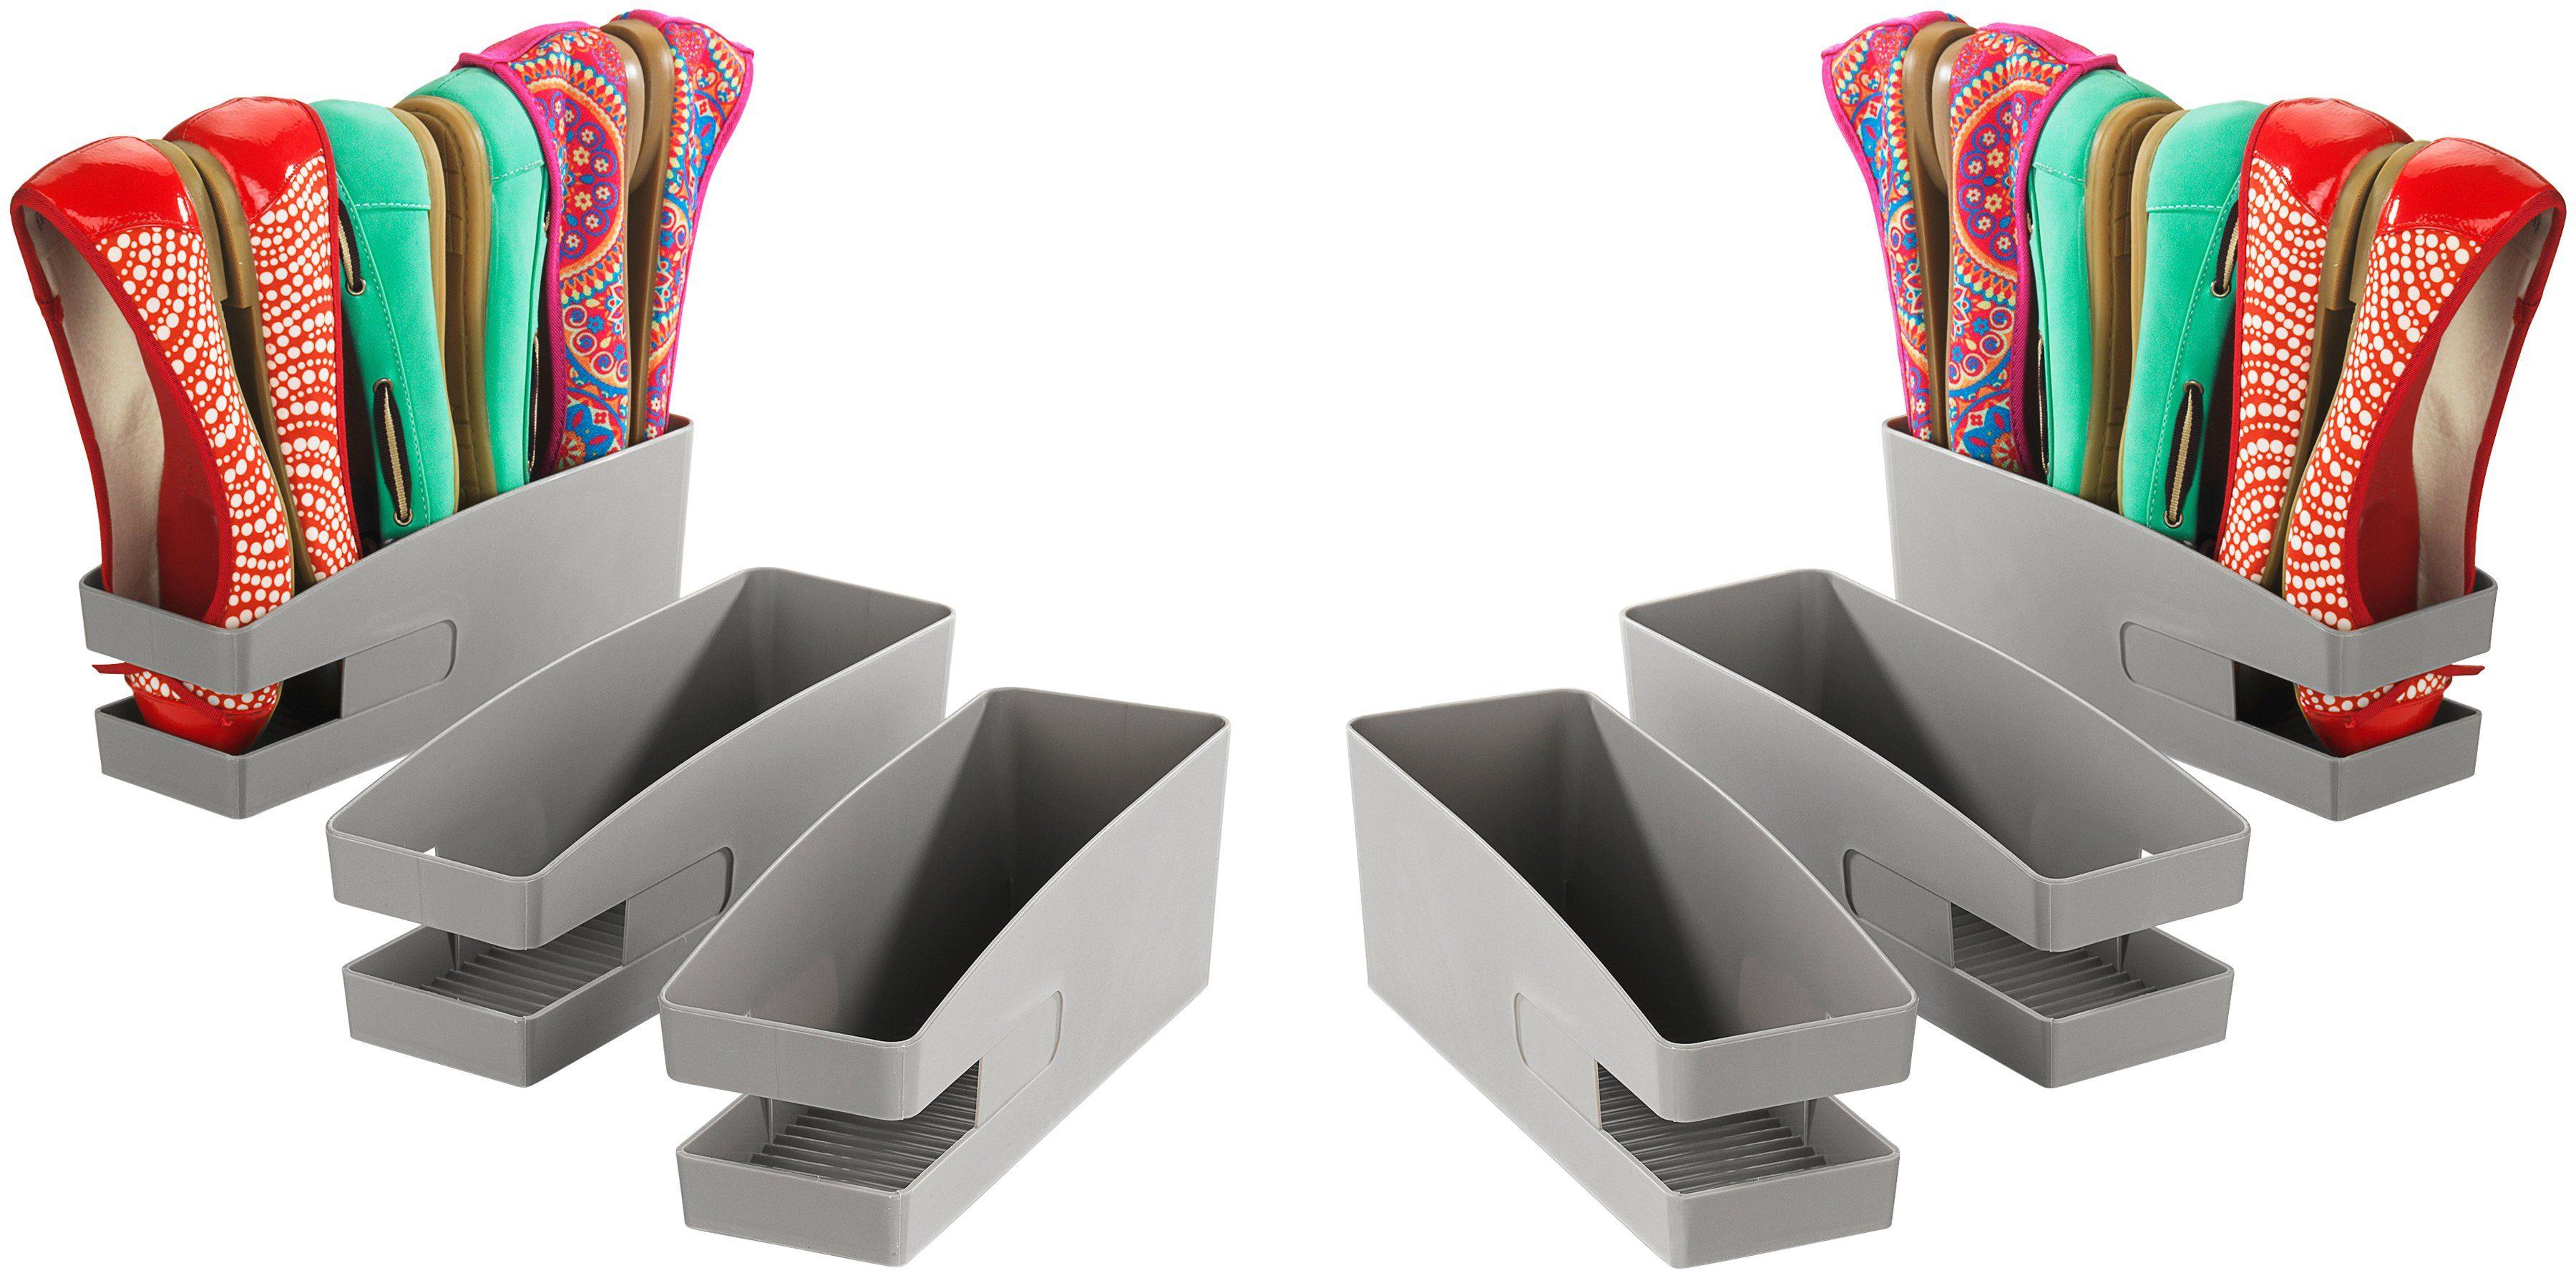 WENKO Schuhschrank »Schuhhalter für Ballerinas«, 6er Set, für bis zu 18 Ballerinas